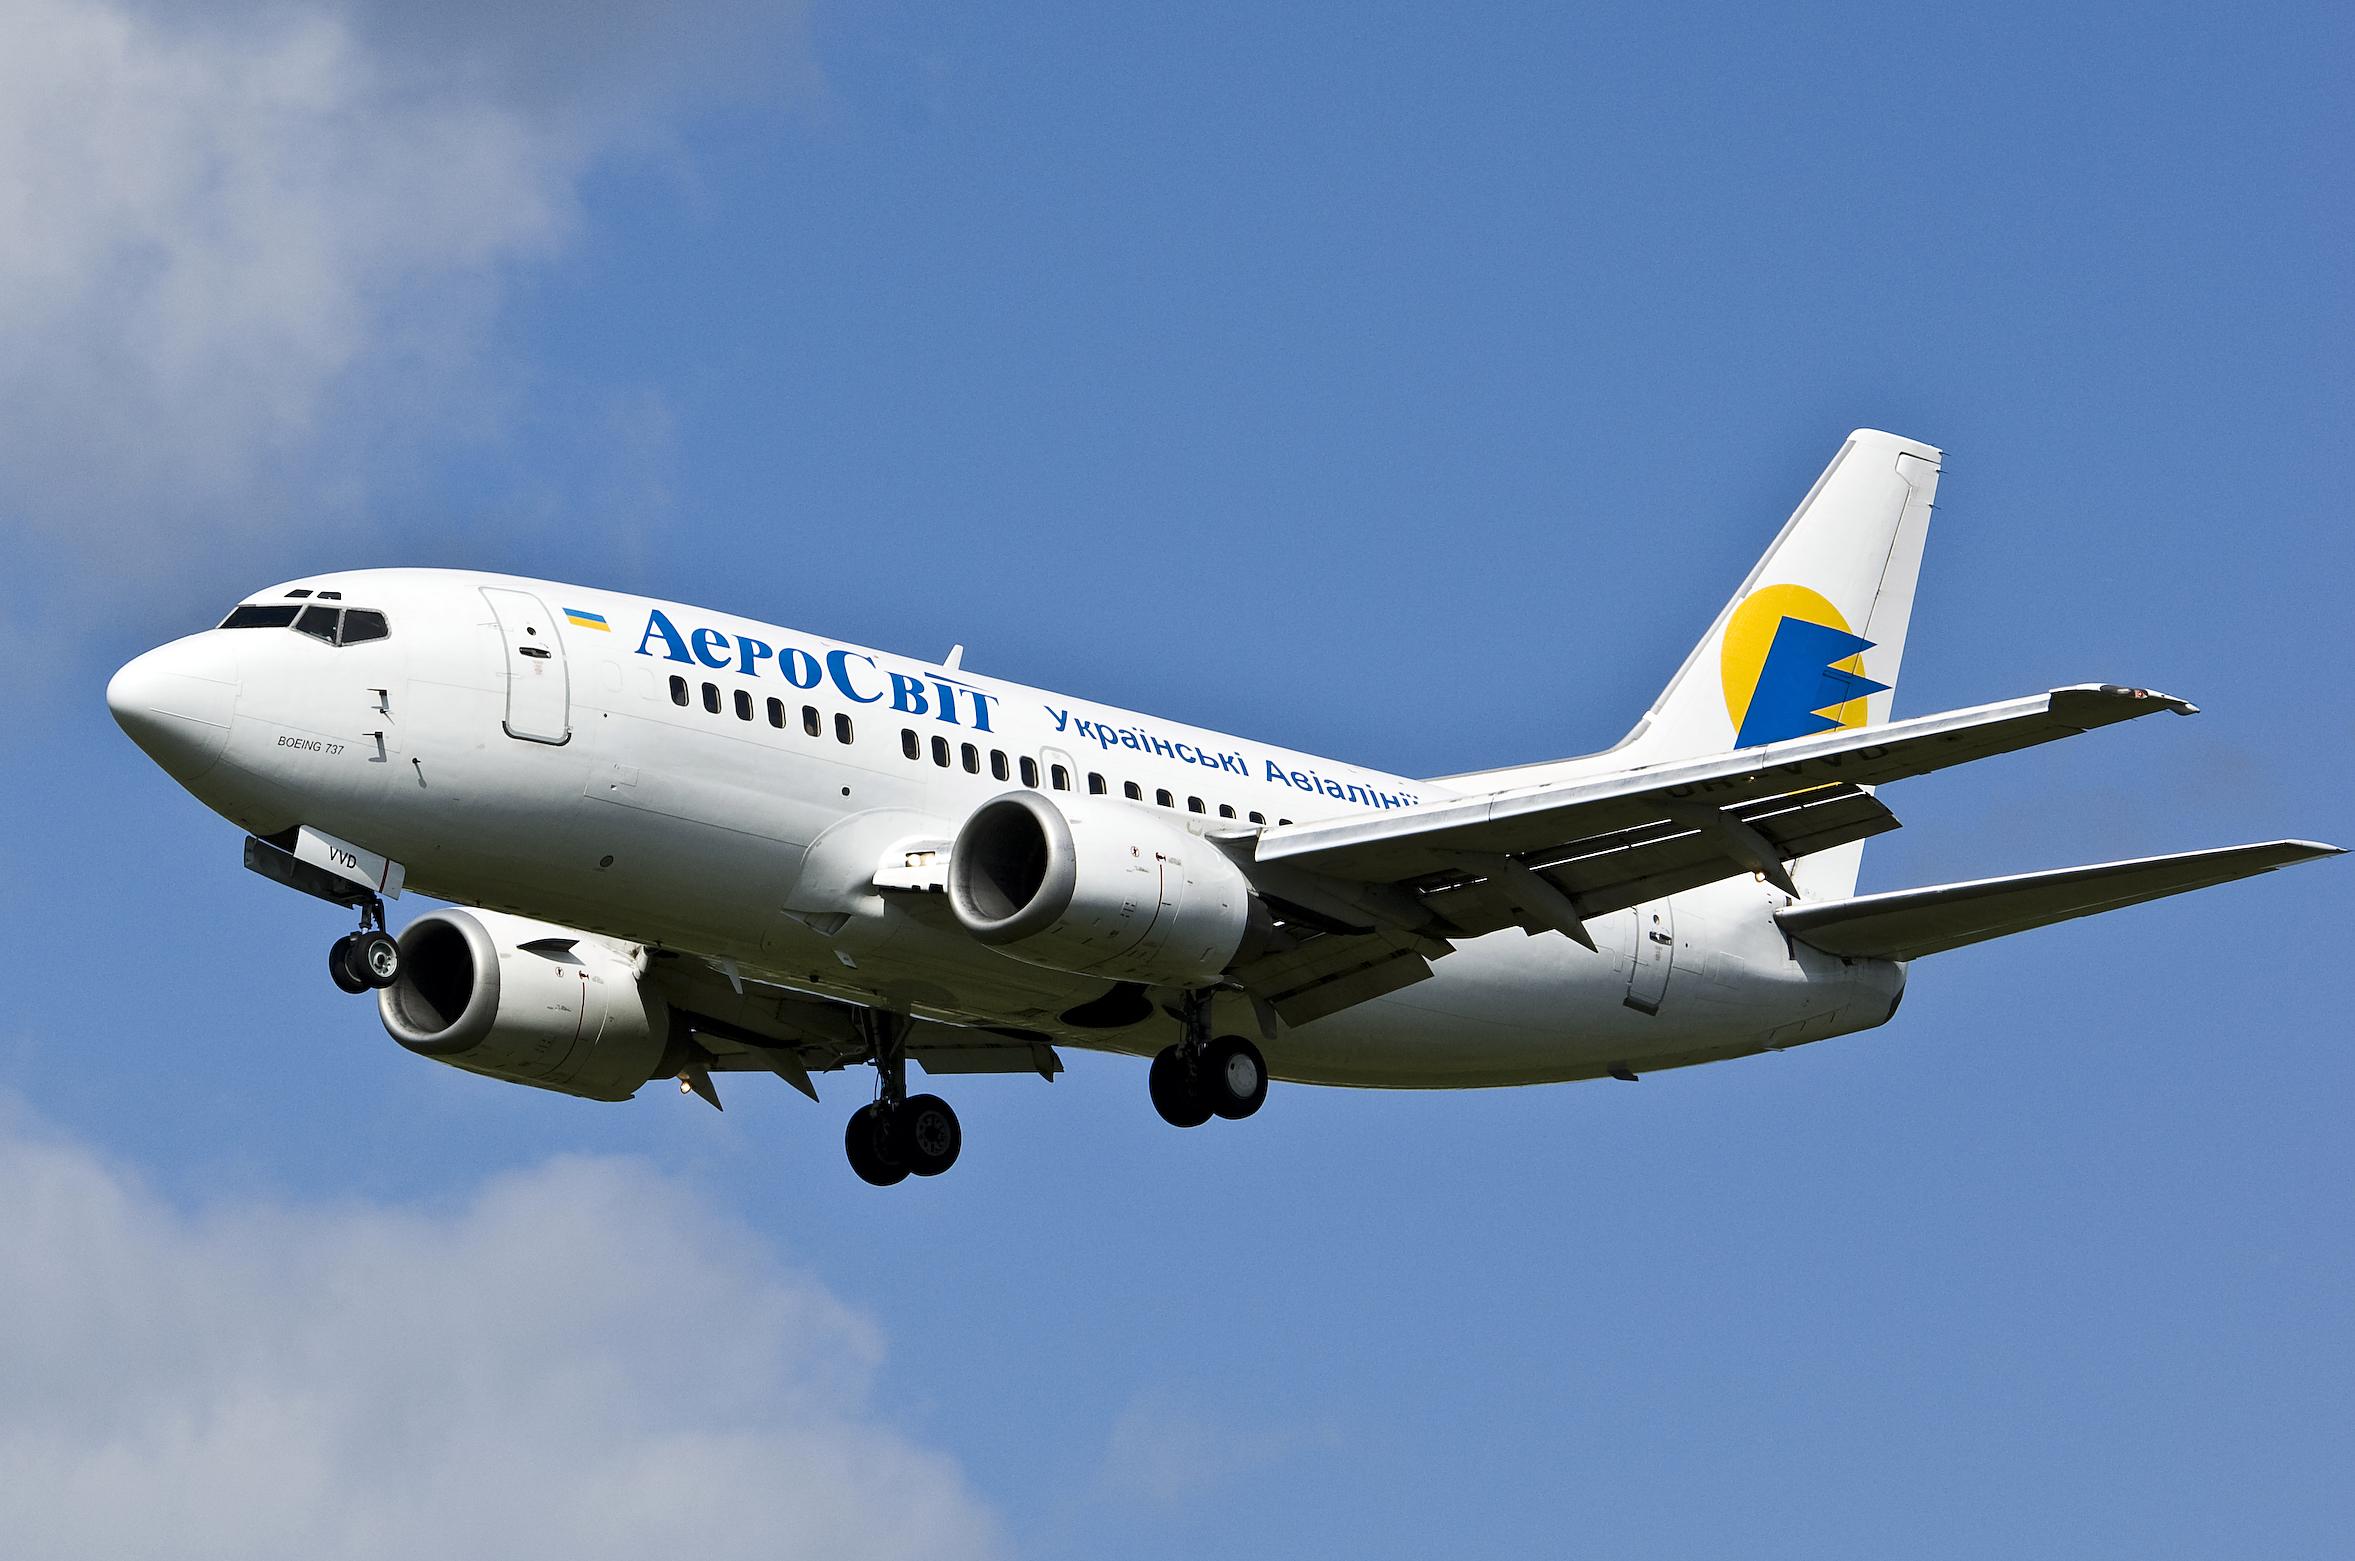 Boeing_737_der_ukrainischen_Fluggesellsc